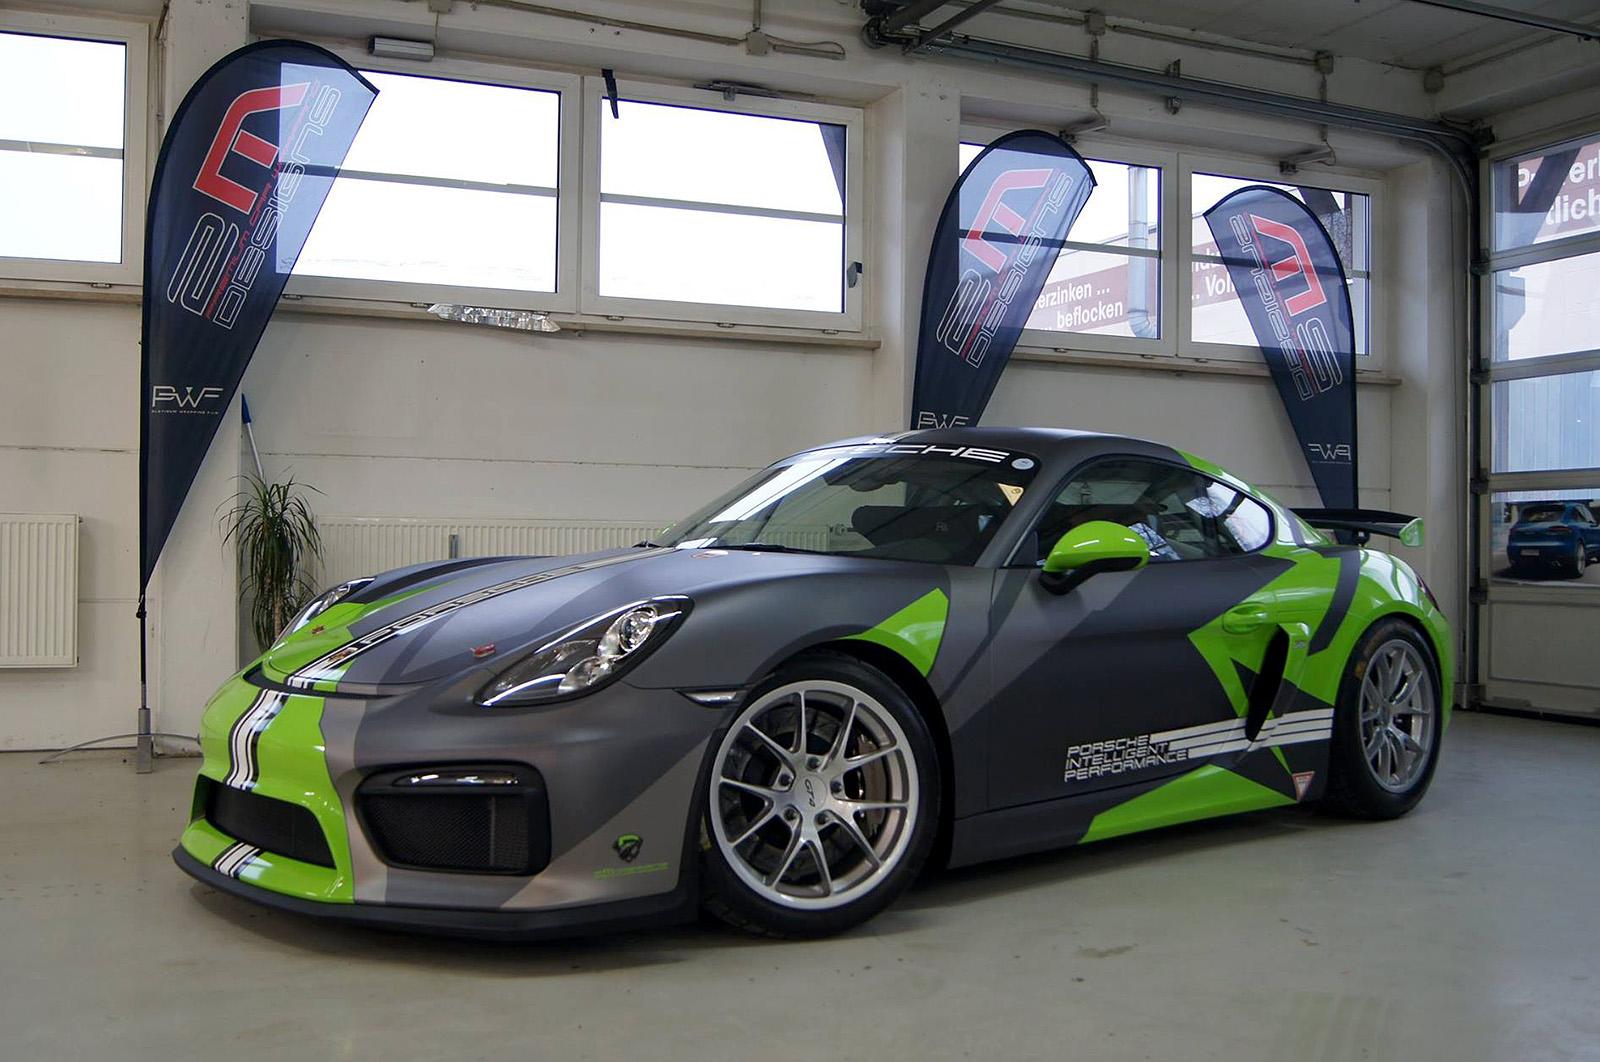 💥 Porsche Cayman GT4 grey/green livery 💥